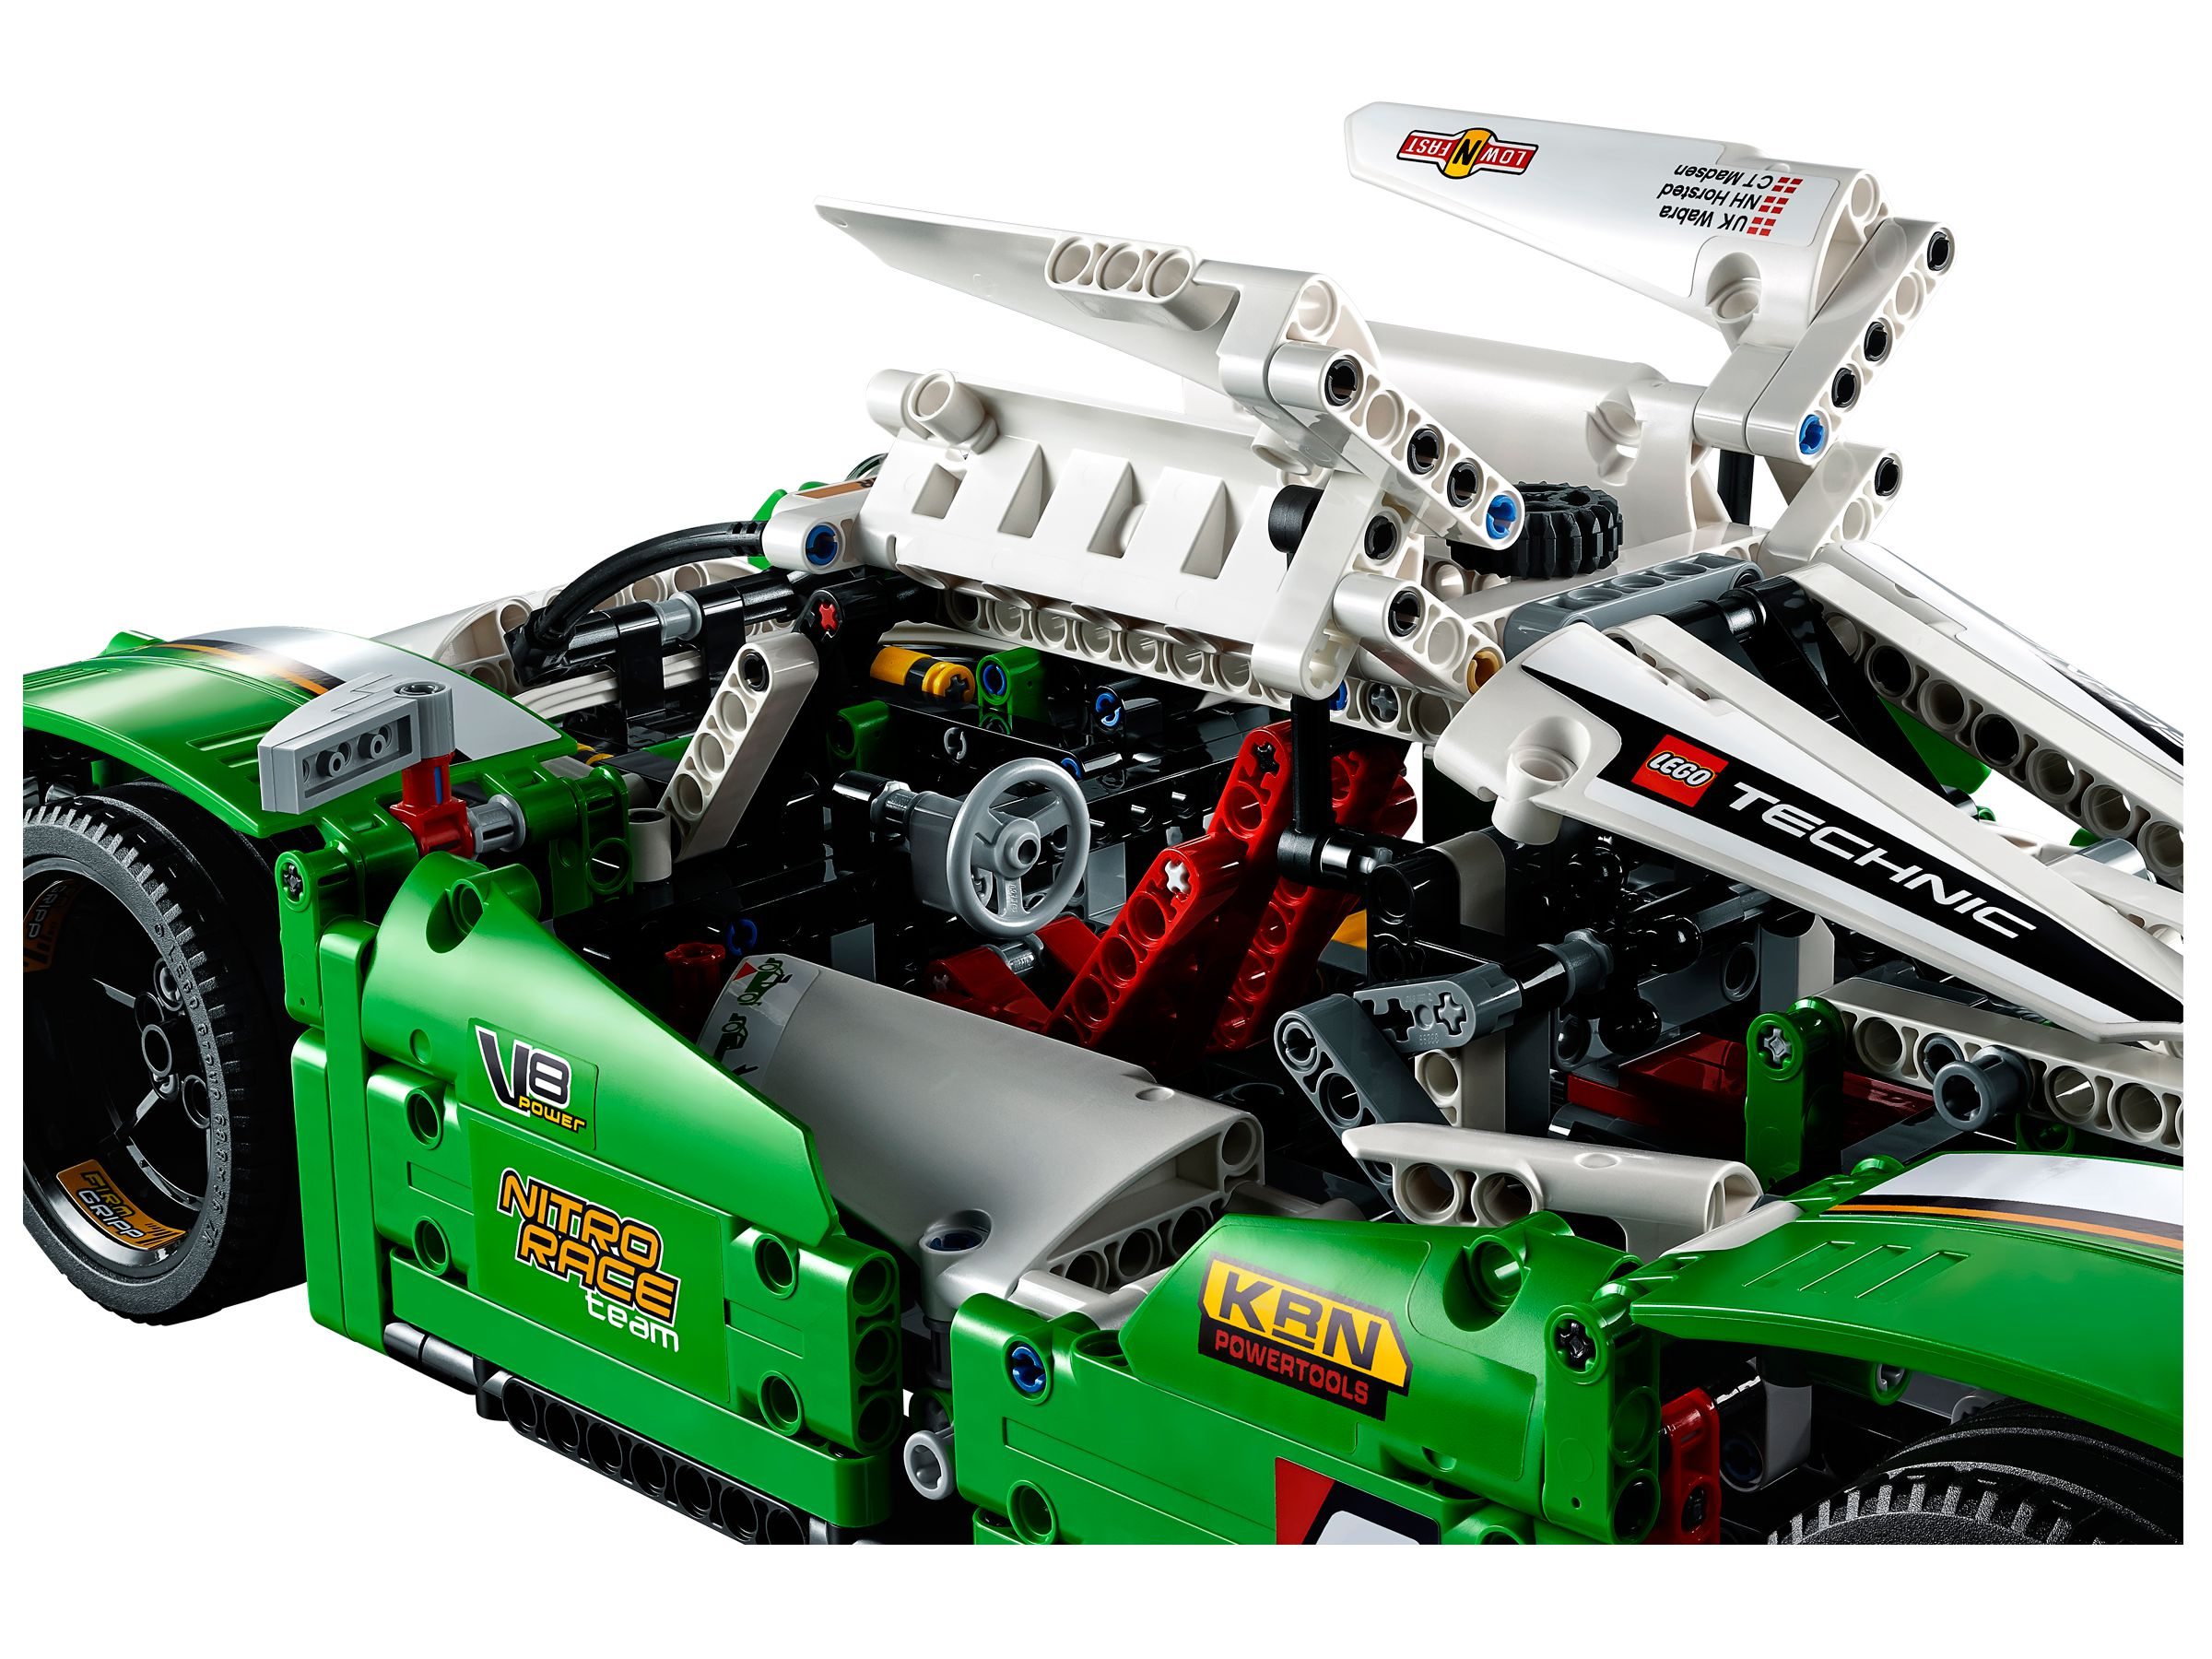 Lego Technic 42039 Langstrecken Rennwagen Brickmerge Preisvergleich